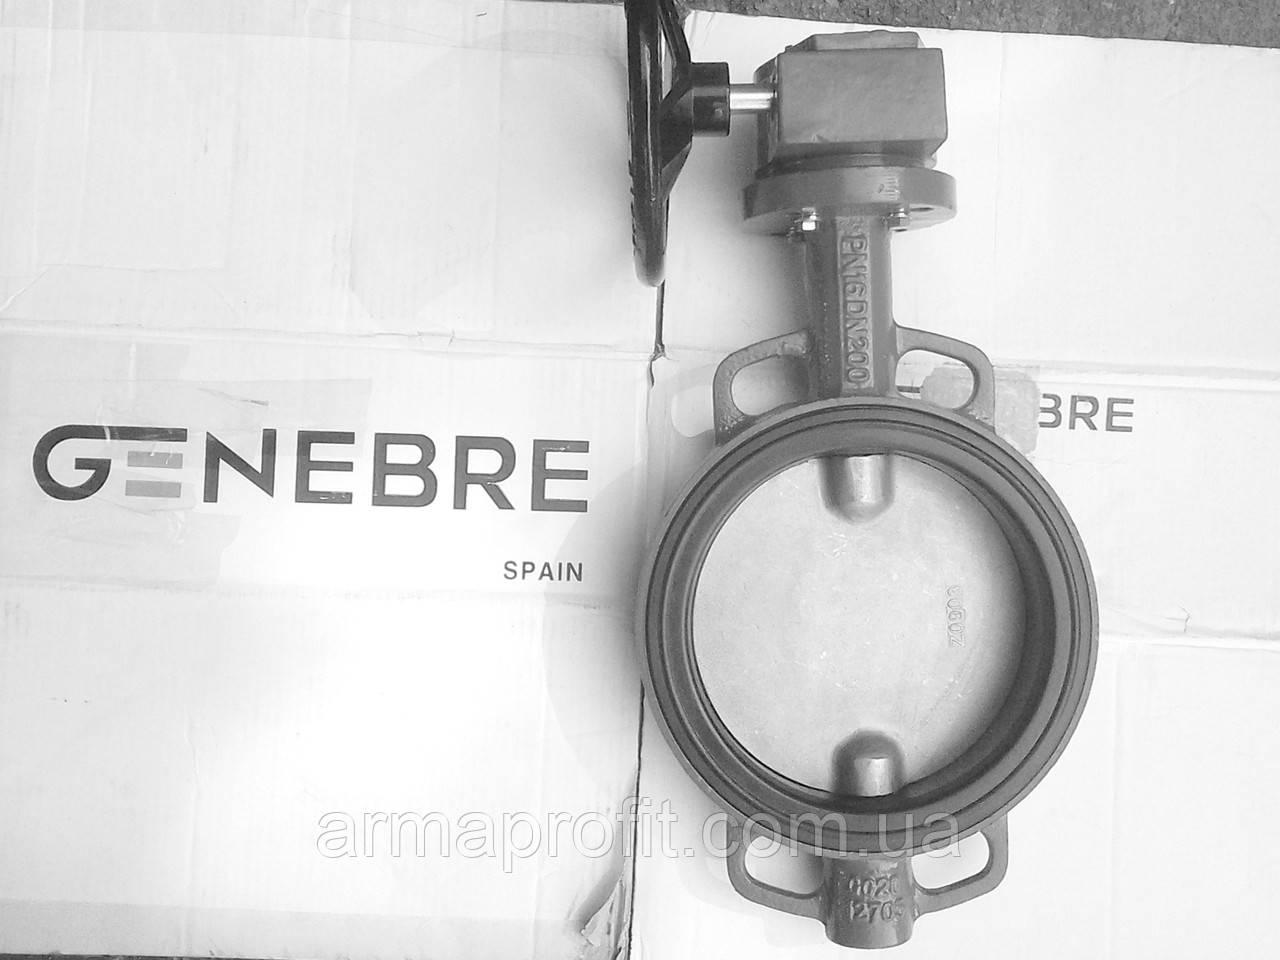 Затвор поворотный Баттерфляй GENEBRE тип 2109 Ду350 Ру10 диск нержавеющая сталь (с редуктором )